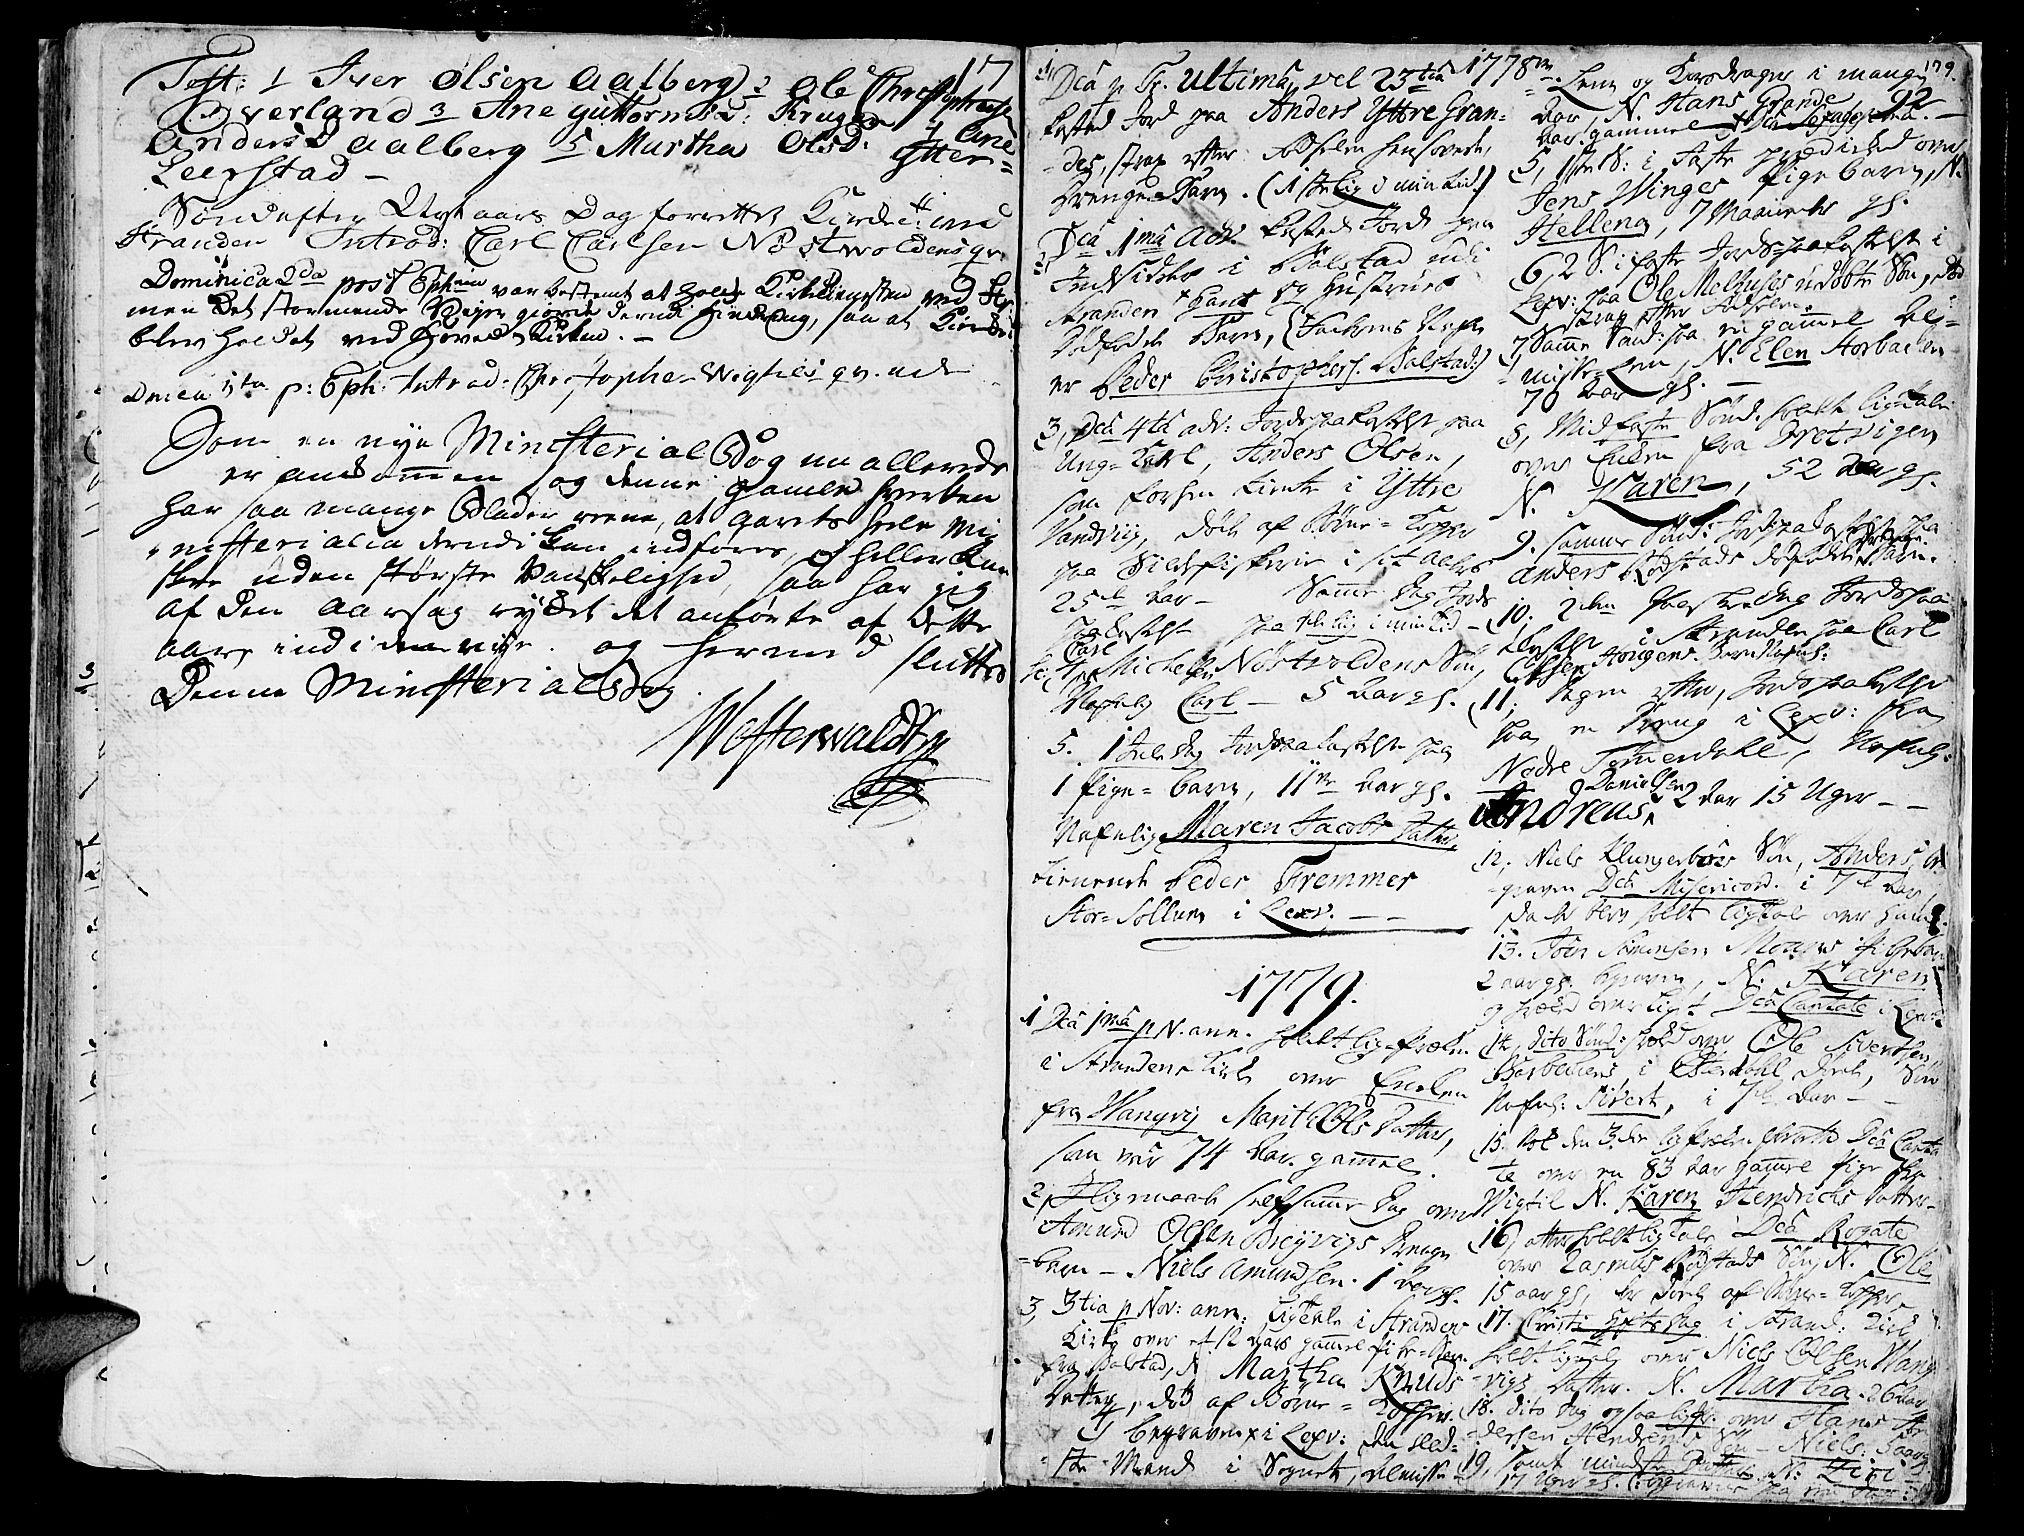 SAT, Ministerialprotokoller, klokkerbøker og fødselsregistre - Nord-Trøndelag, 701/L0003: Parish register (official) no. 701A03, 1751-1783, p. 179